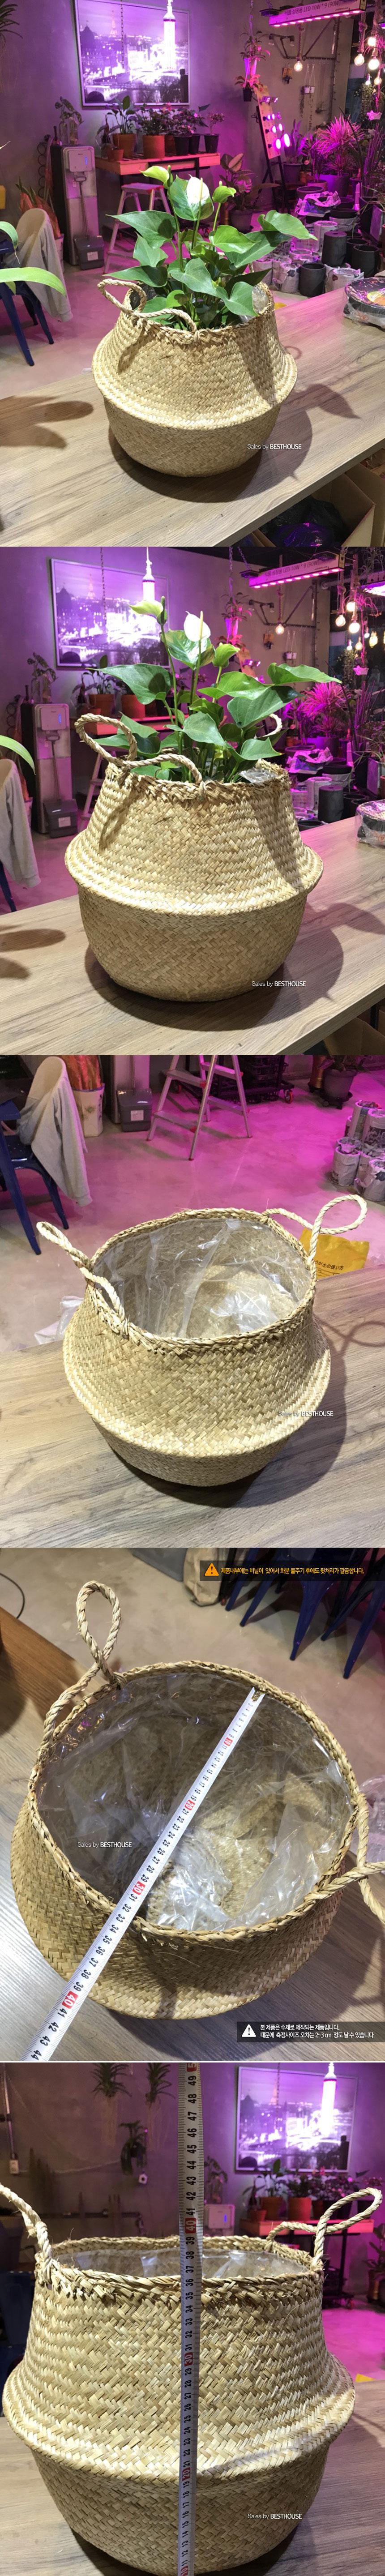 베하.화분바구니-왕골 화분 커버 (대형) 32x36cm